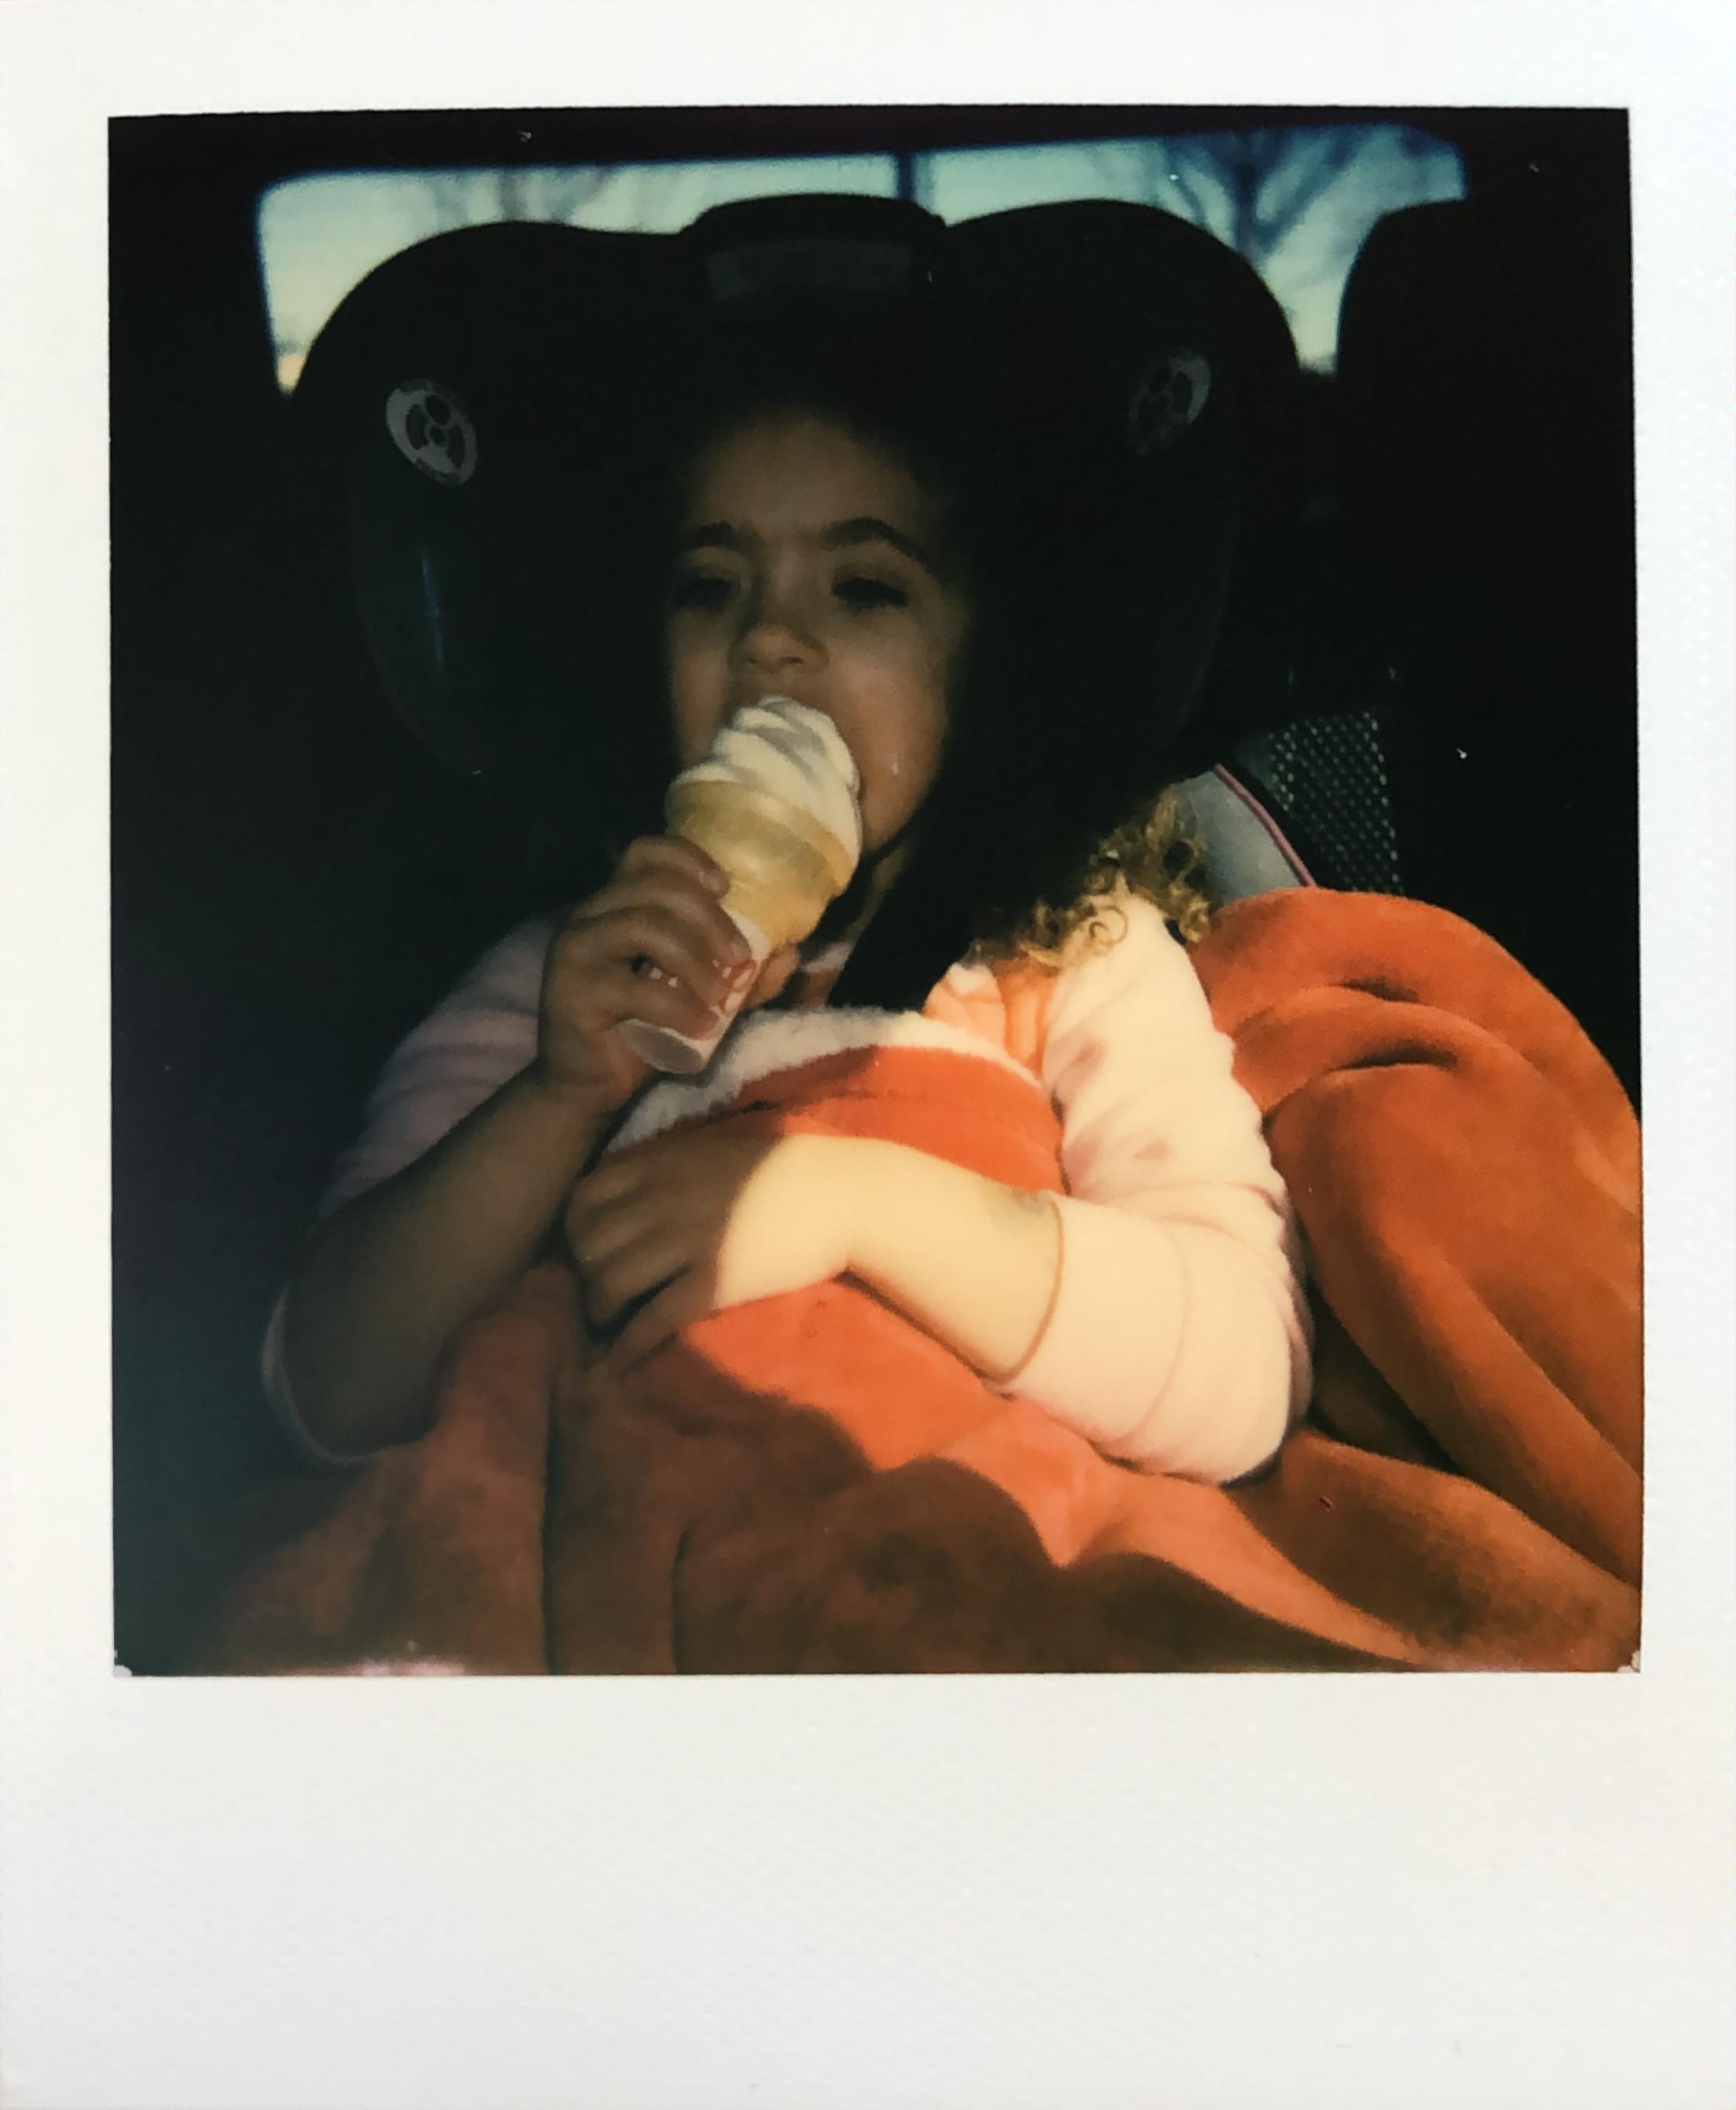 Ice Cream Cone, 1-21-2019